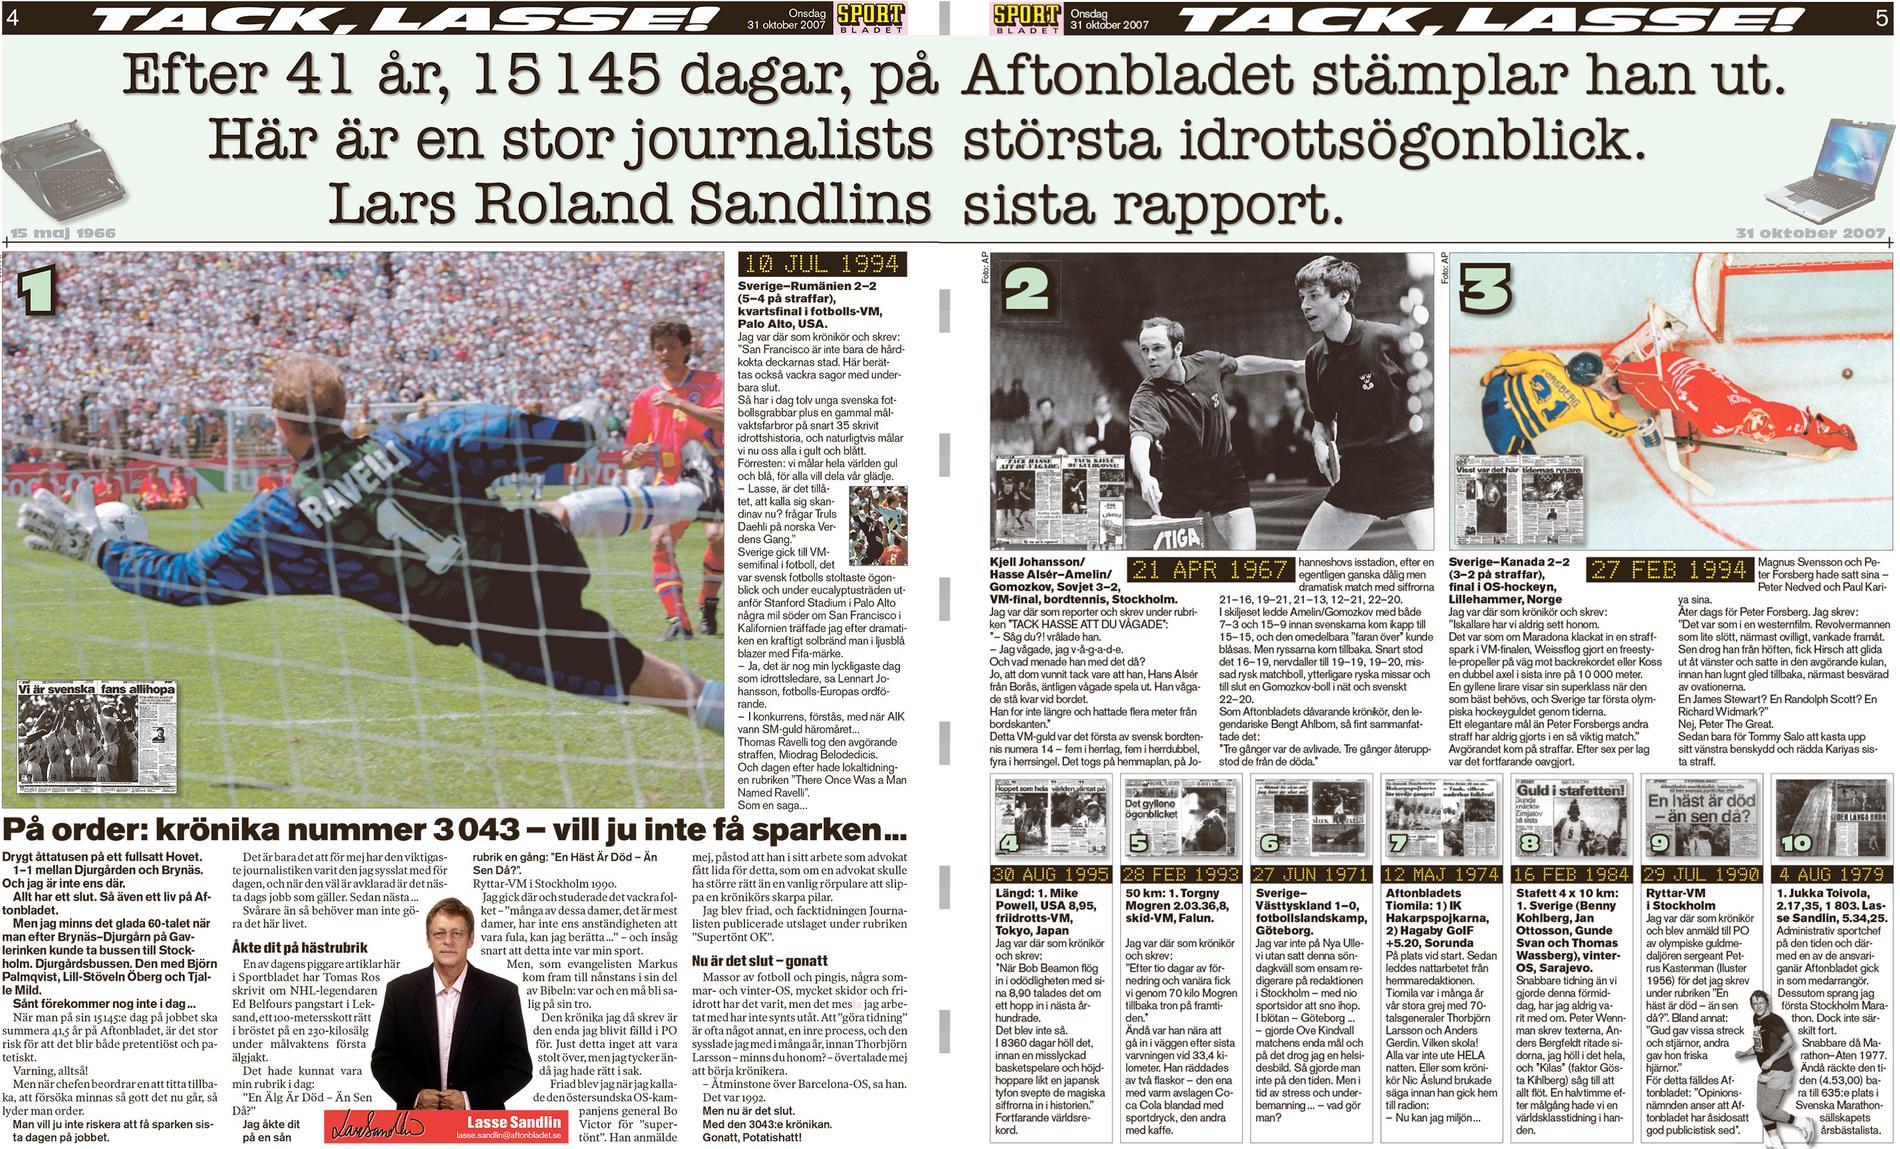 Sportbladet 31 oktober 2007: Lasse Sandlin stämpade ut – men gjorde sedan comaback i spalterna några gånger.